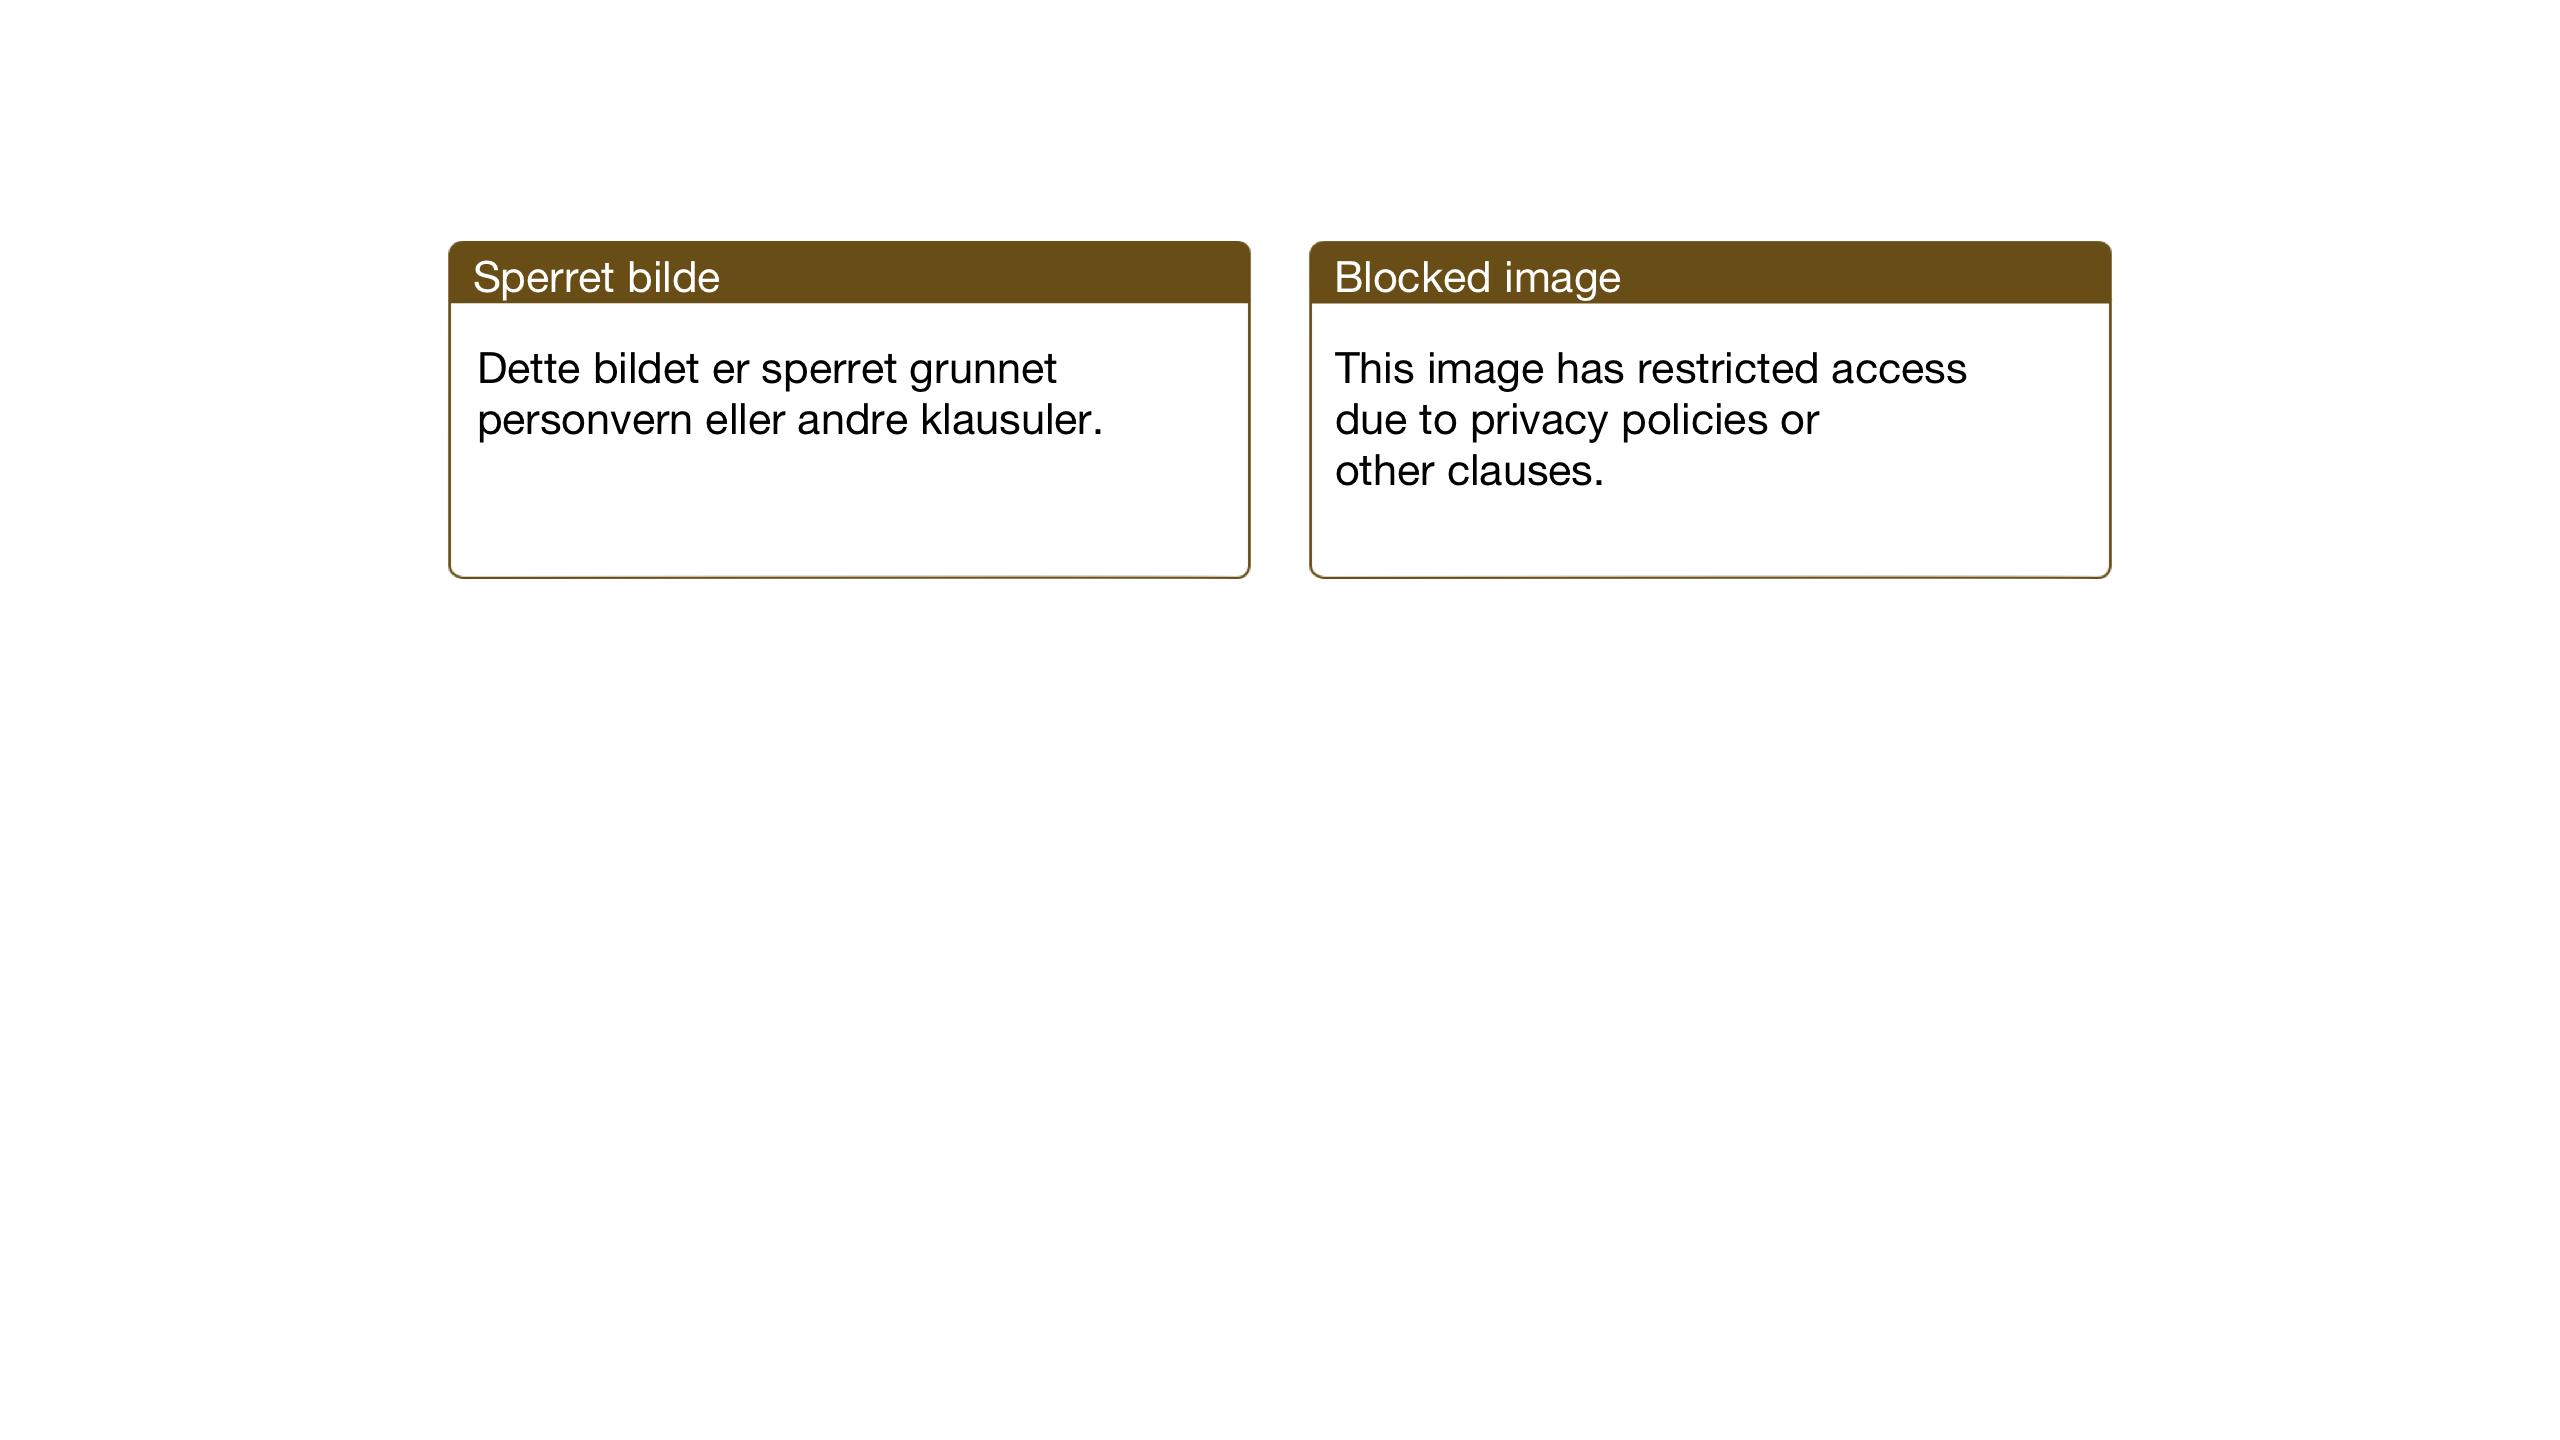 SAT, Ministerialprotokoller, klokkerbøker og fødselsregistre - Sør-Trøndelag, 602/L0150: Klokkerbok nr. 602C18, 1922-1949, s. 183